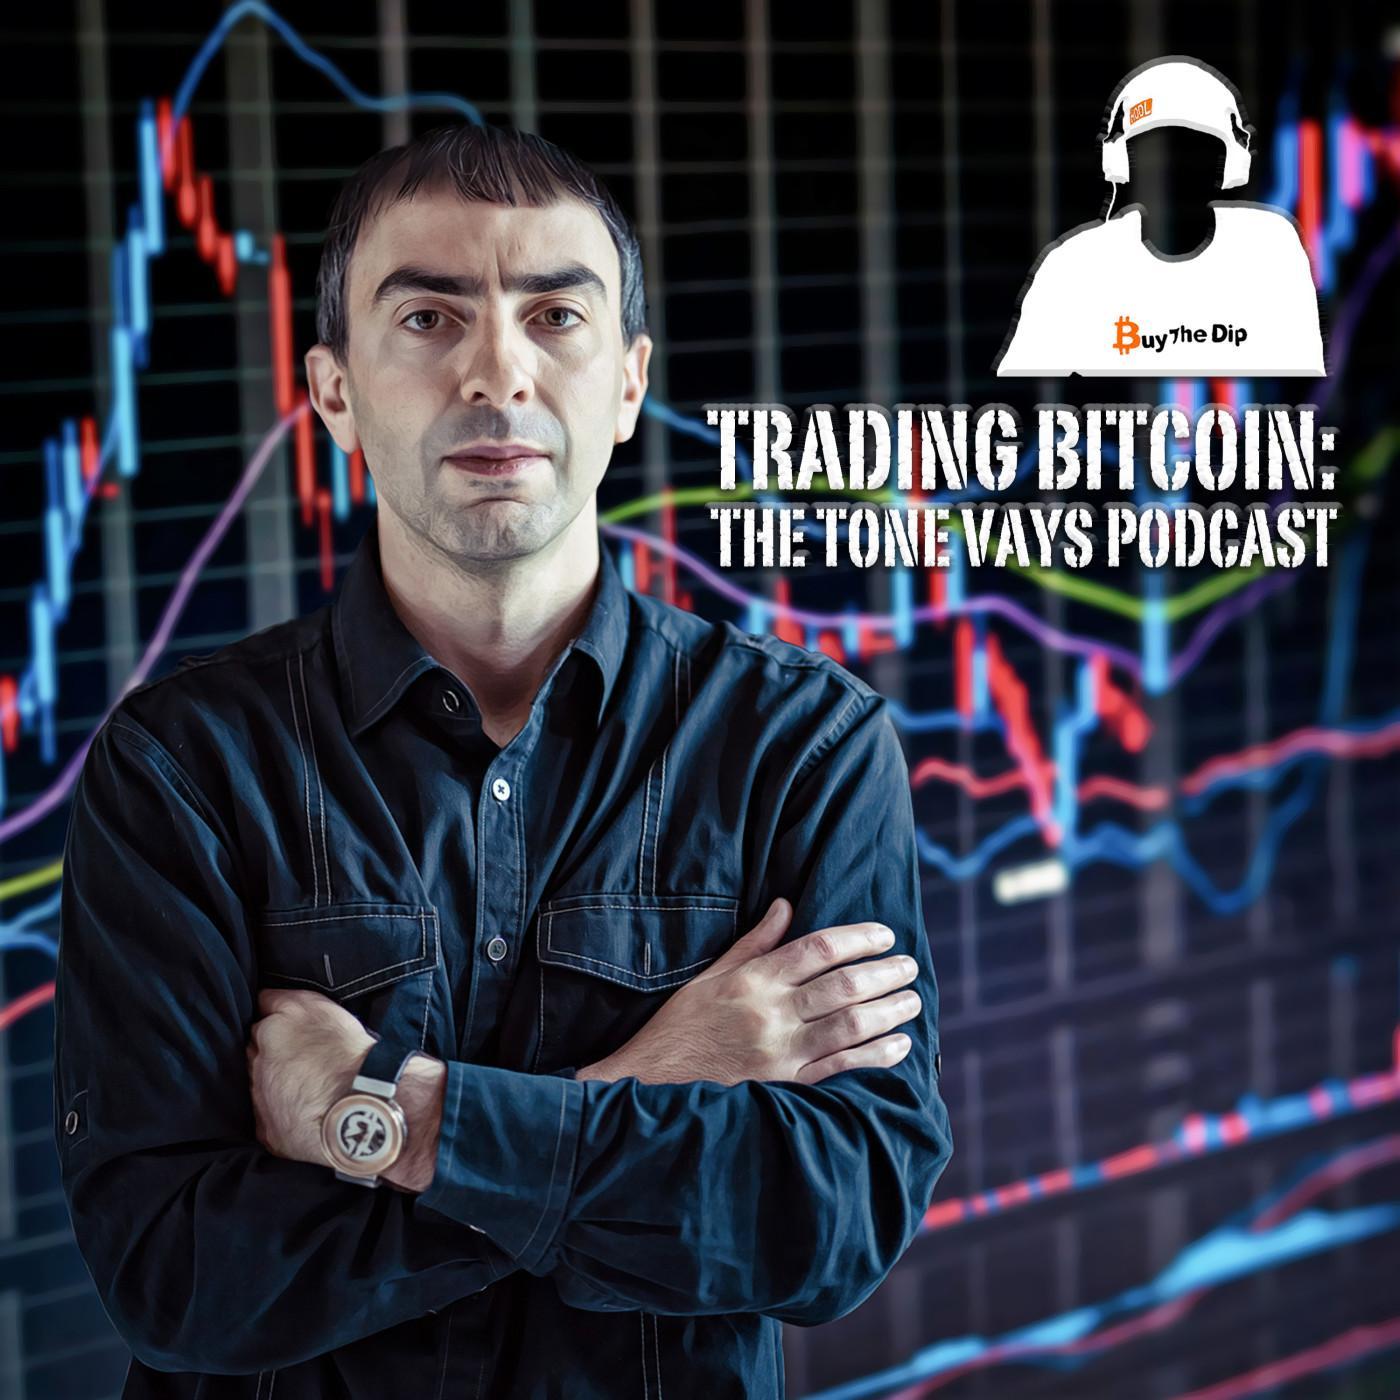 podcast bitcoin trading)